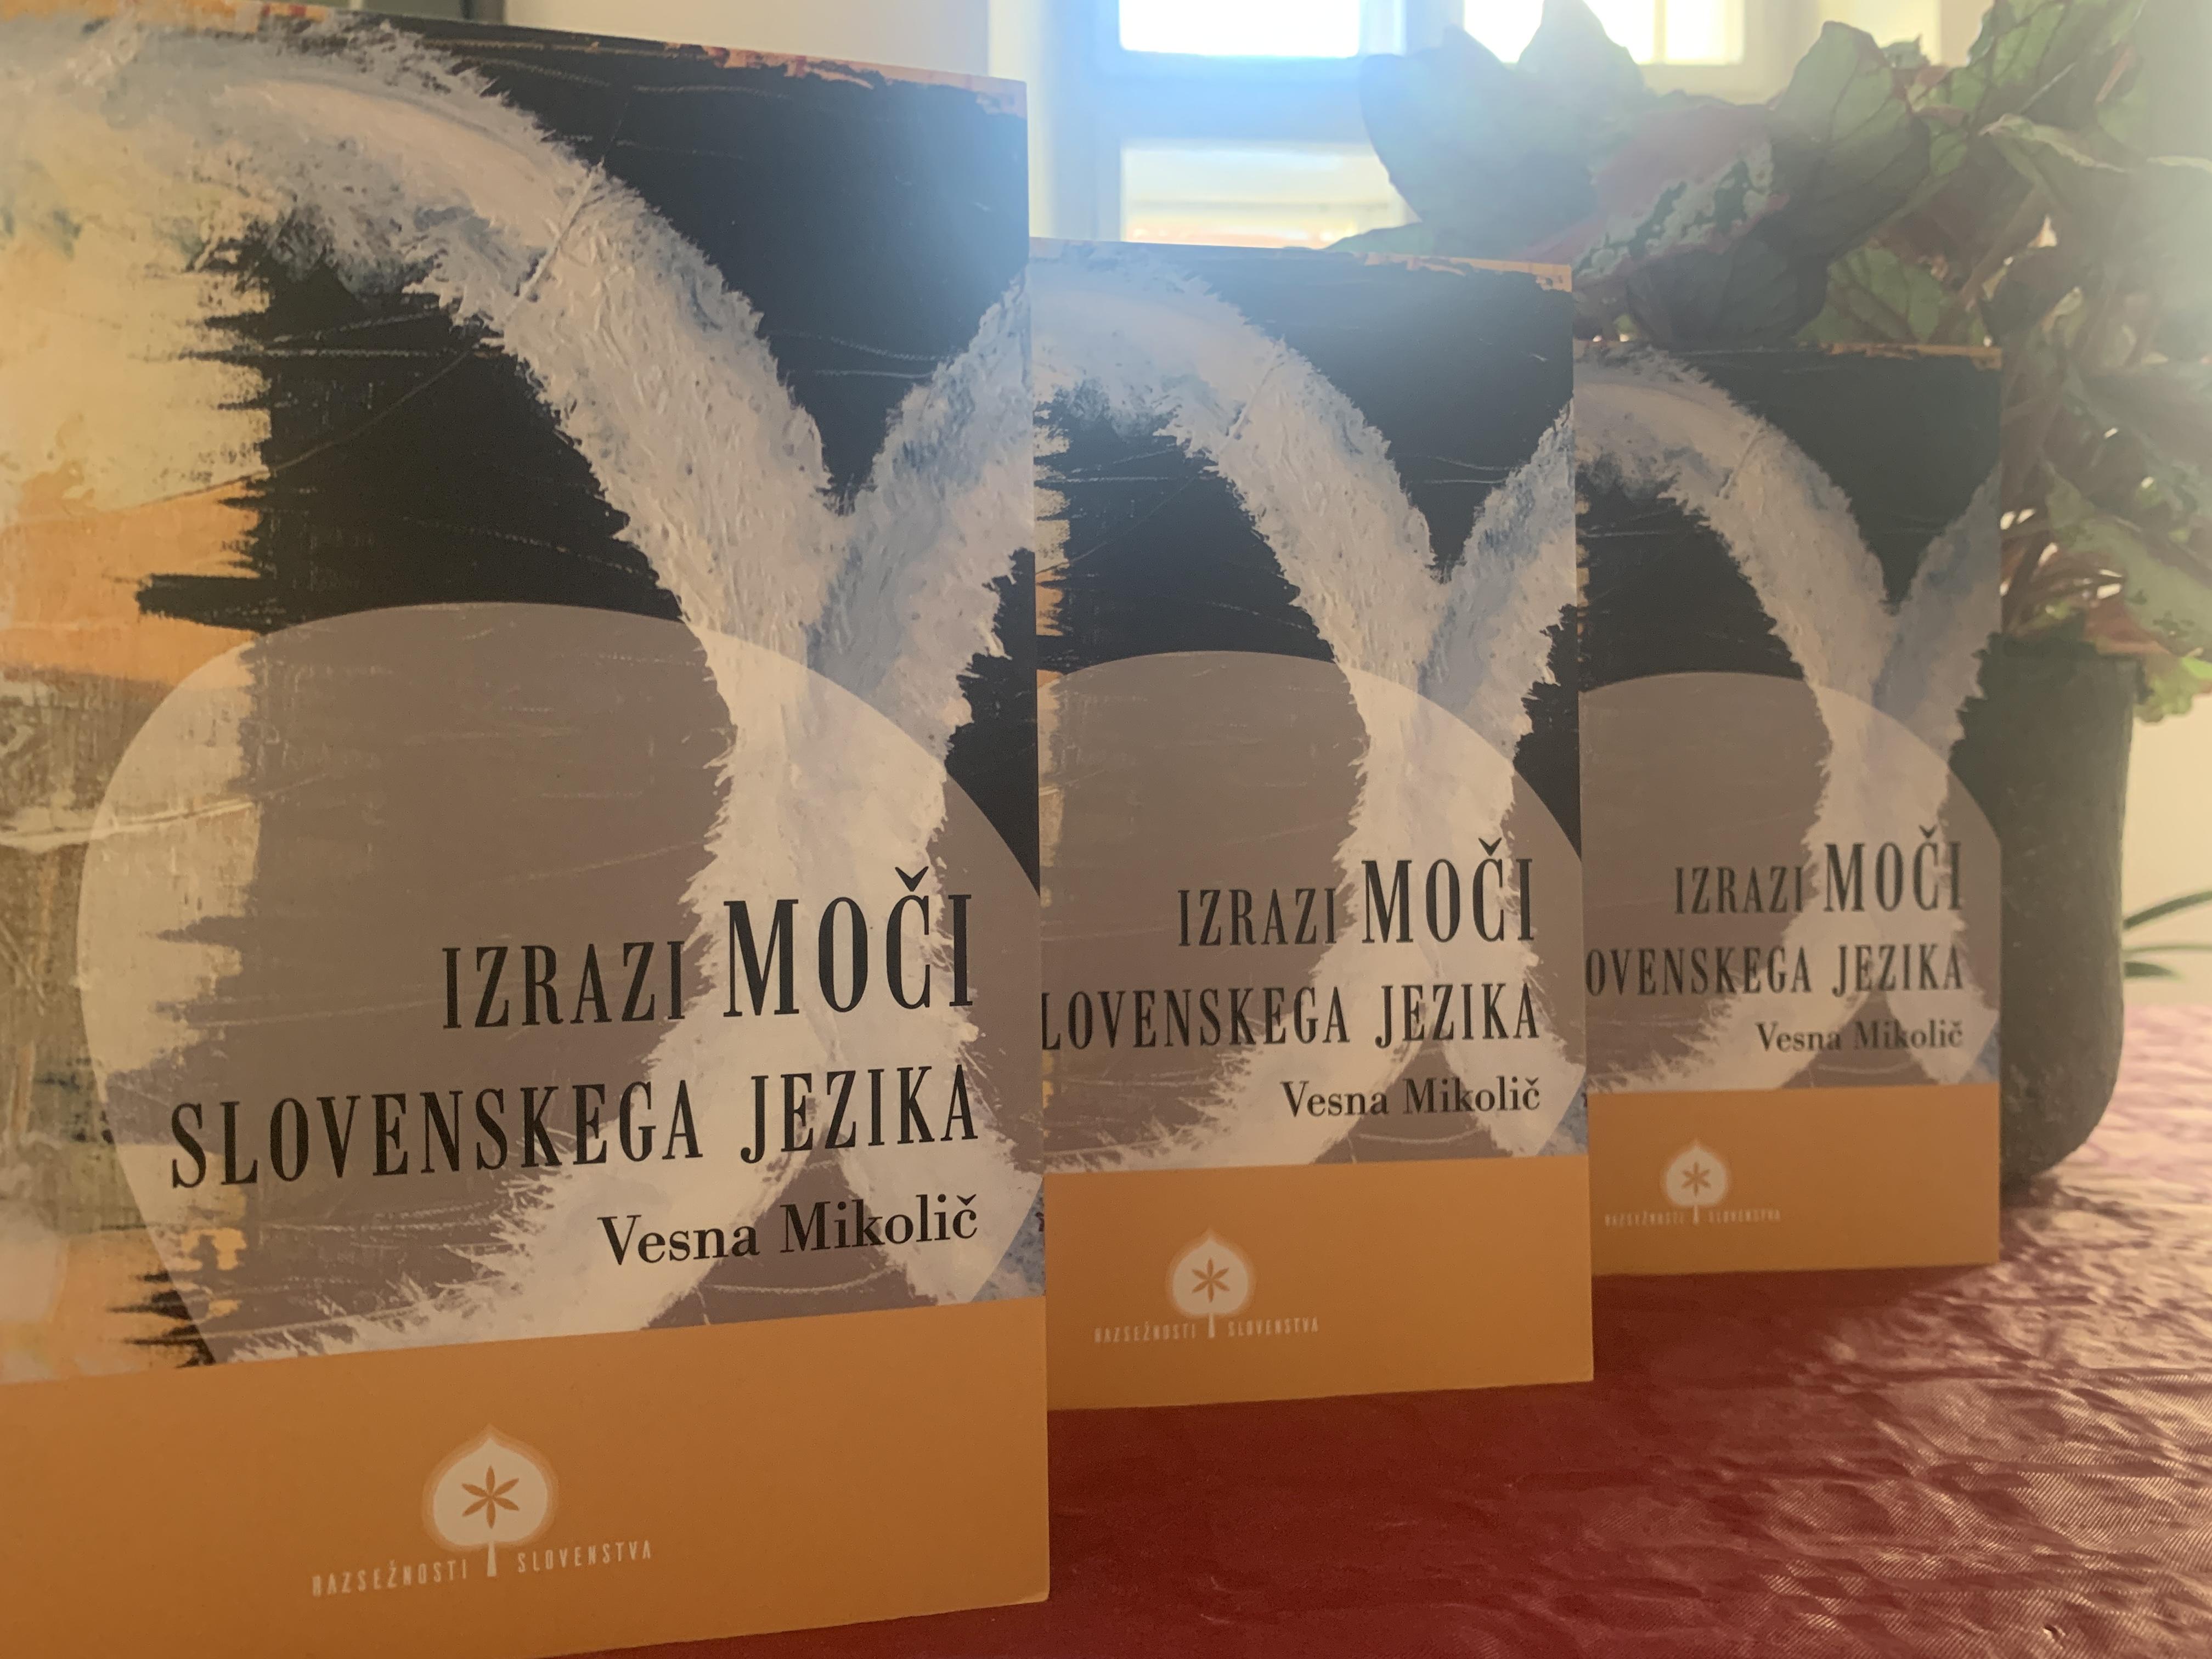 Predstavitev znanstvene monografije Izrazi moči slovenskega jezika prof. dr. Vesne Mikolič